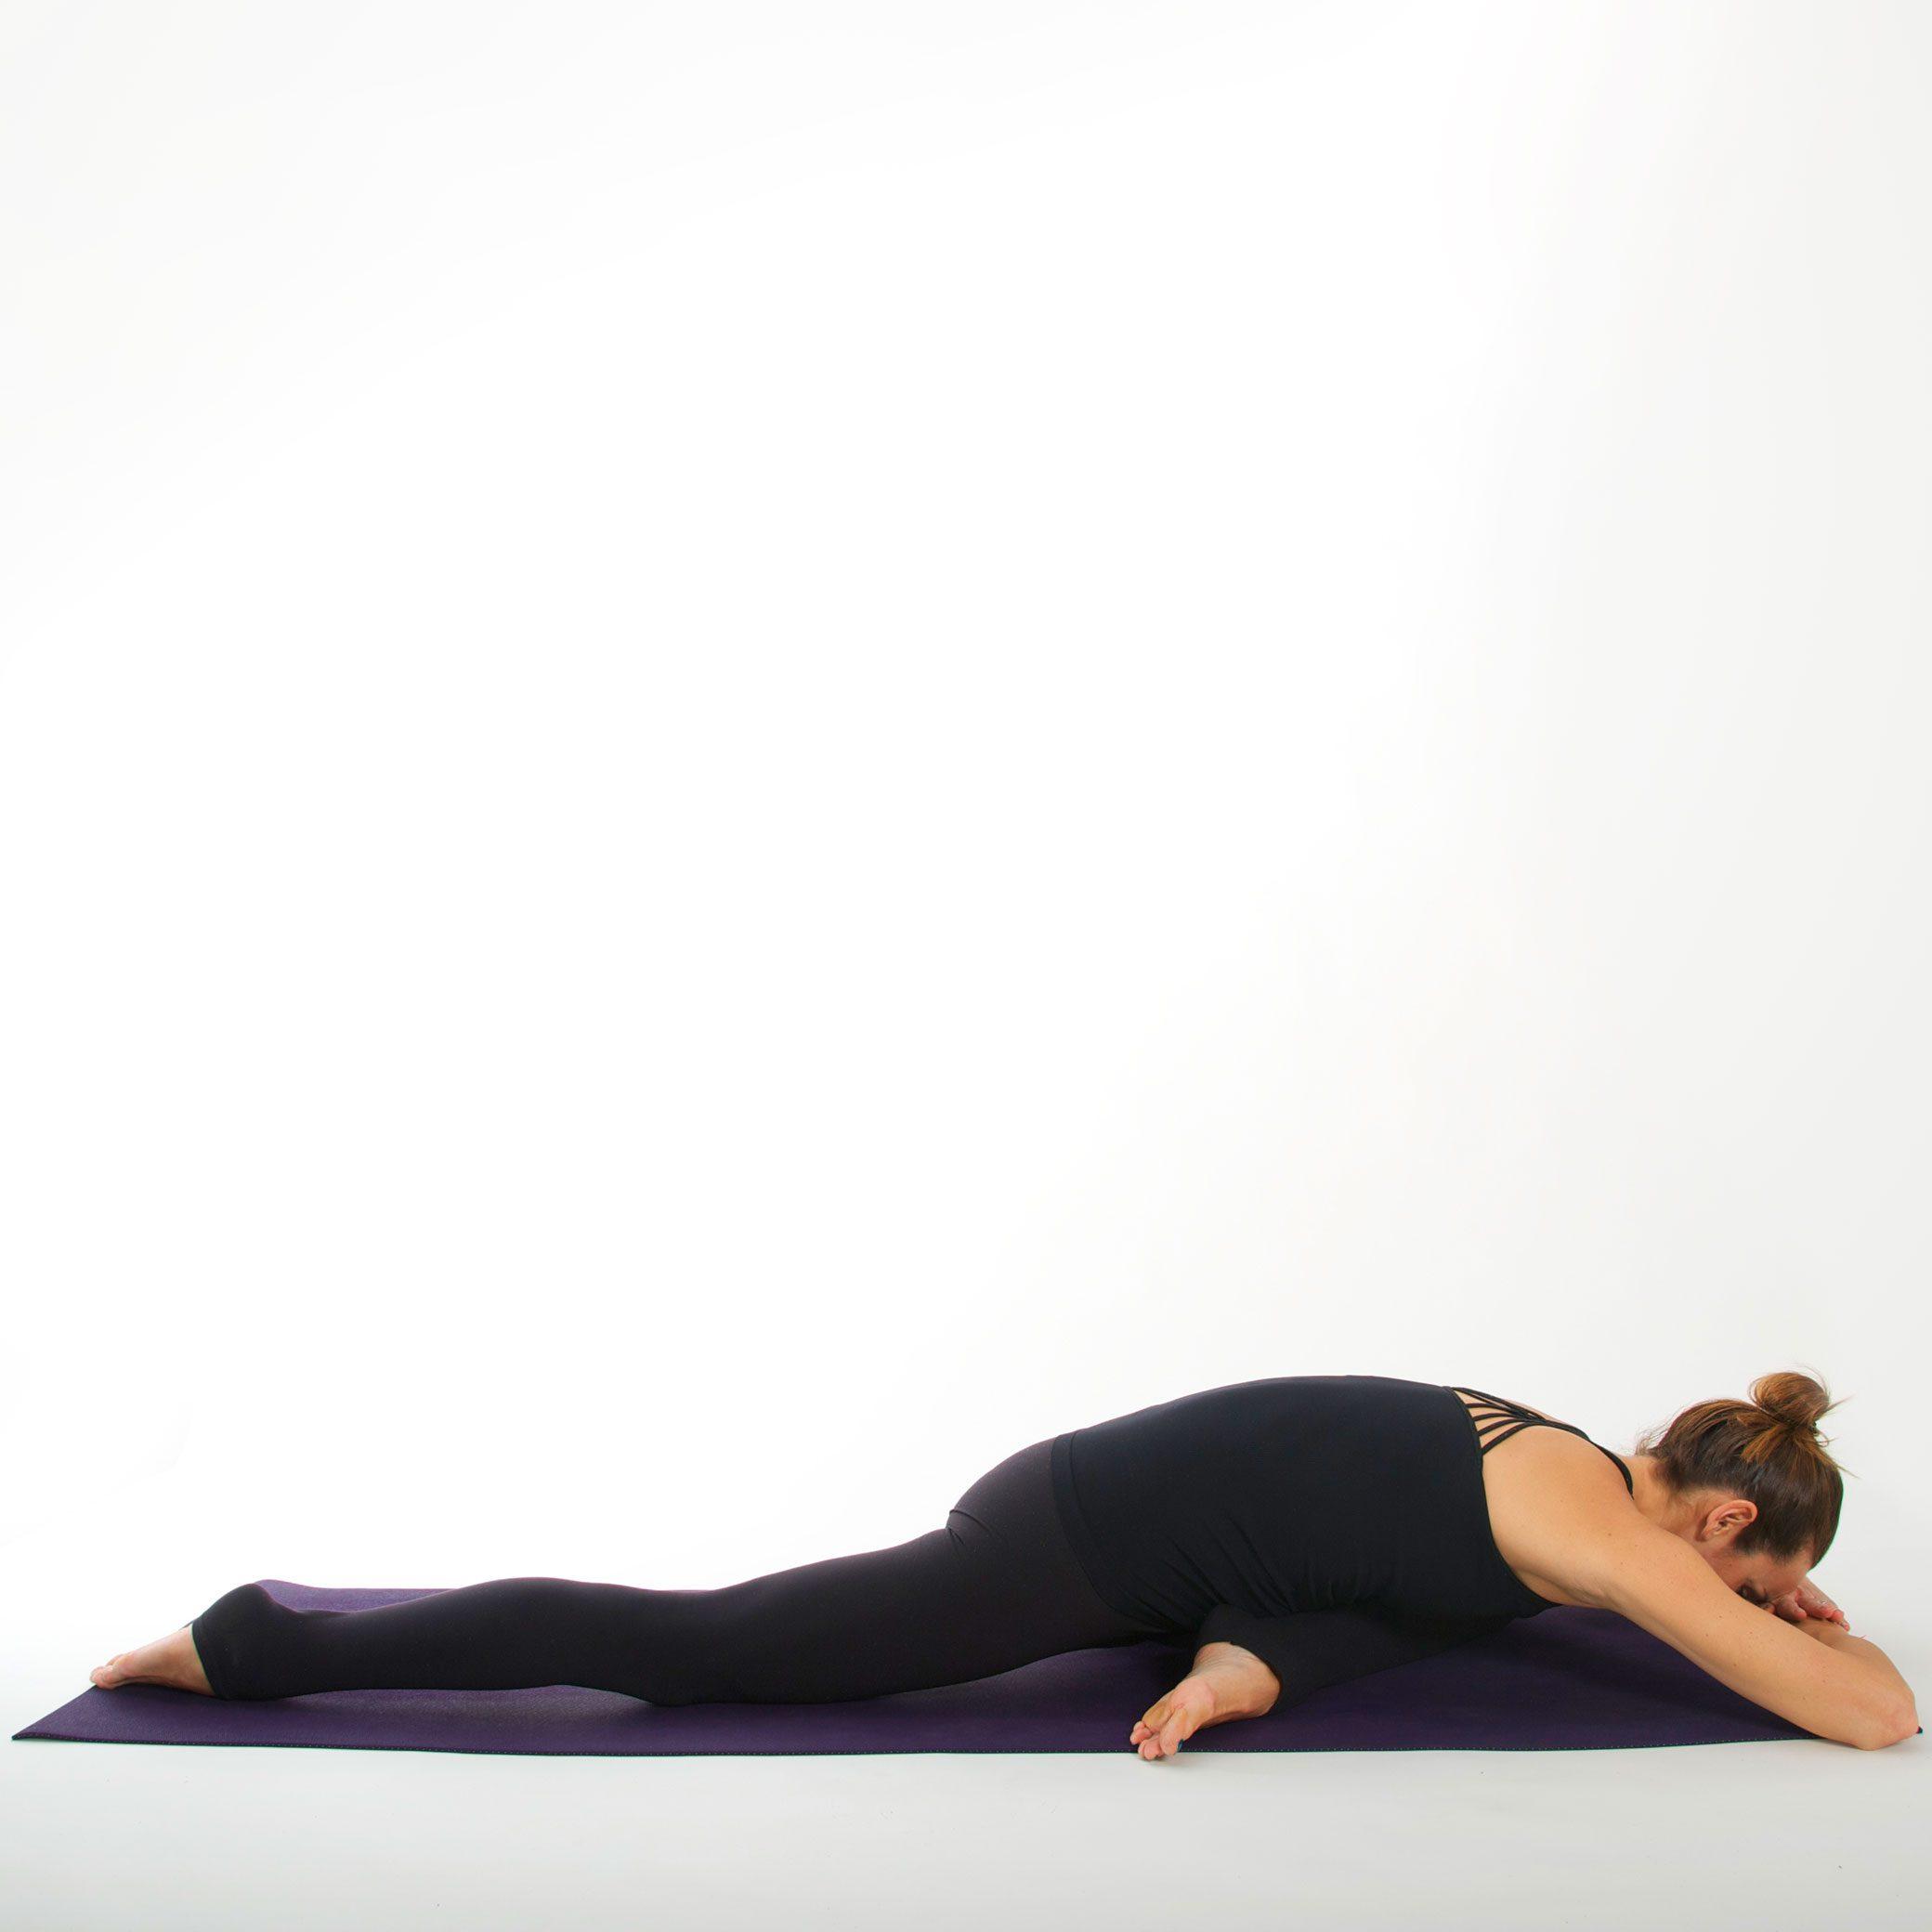 Yoga Asana I TAUBE I myyogaflows